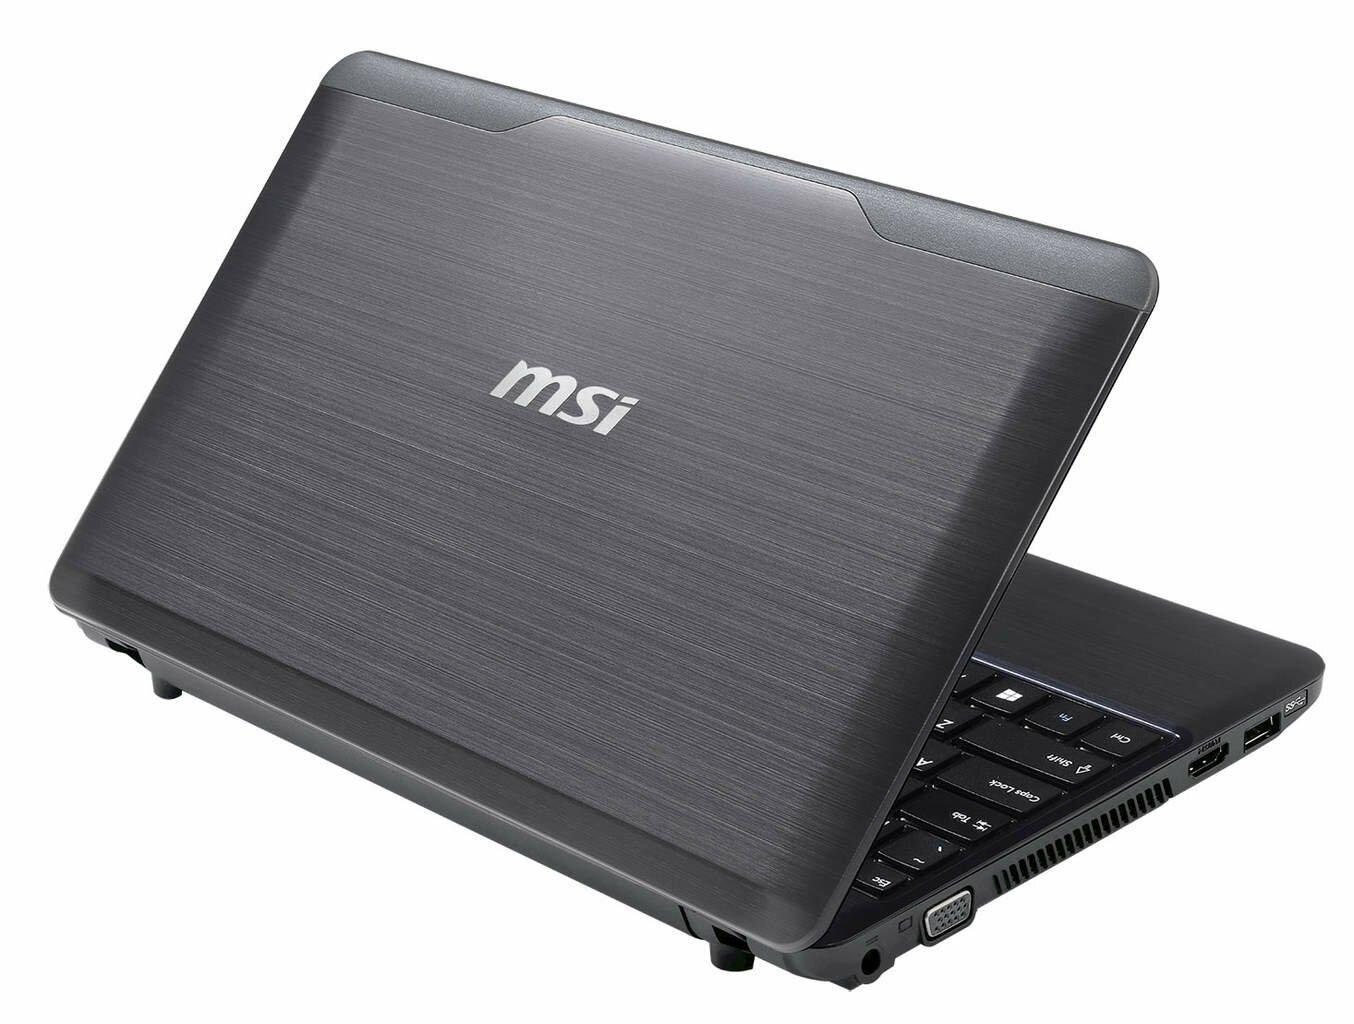 MSI S12T